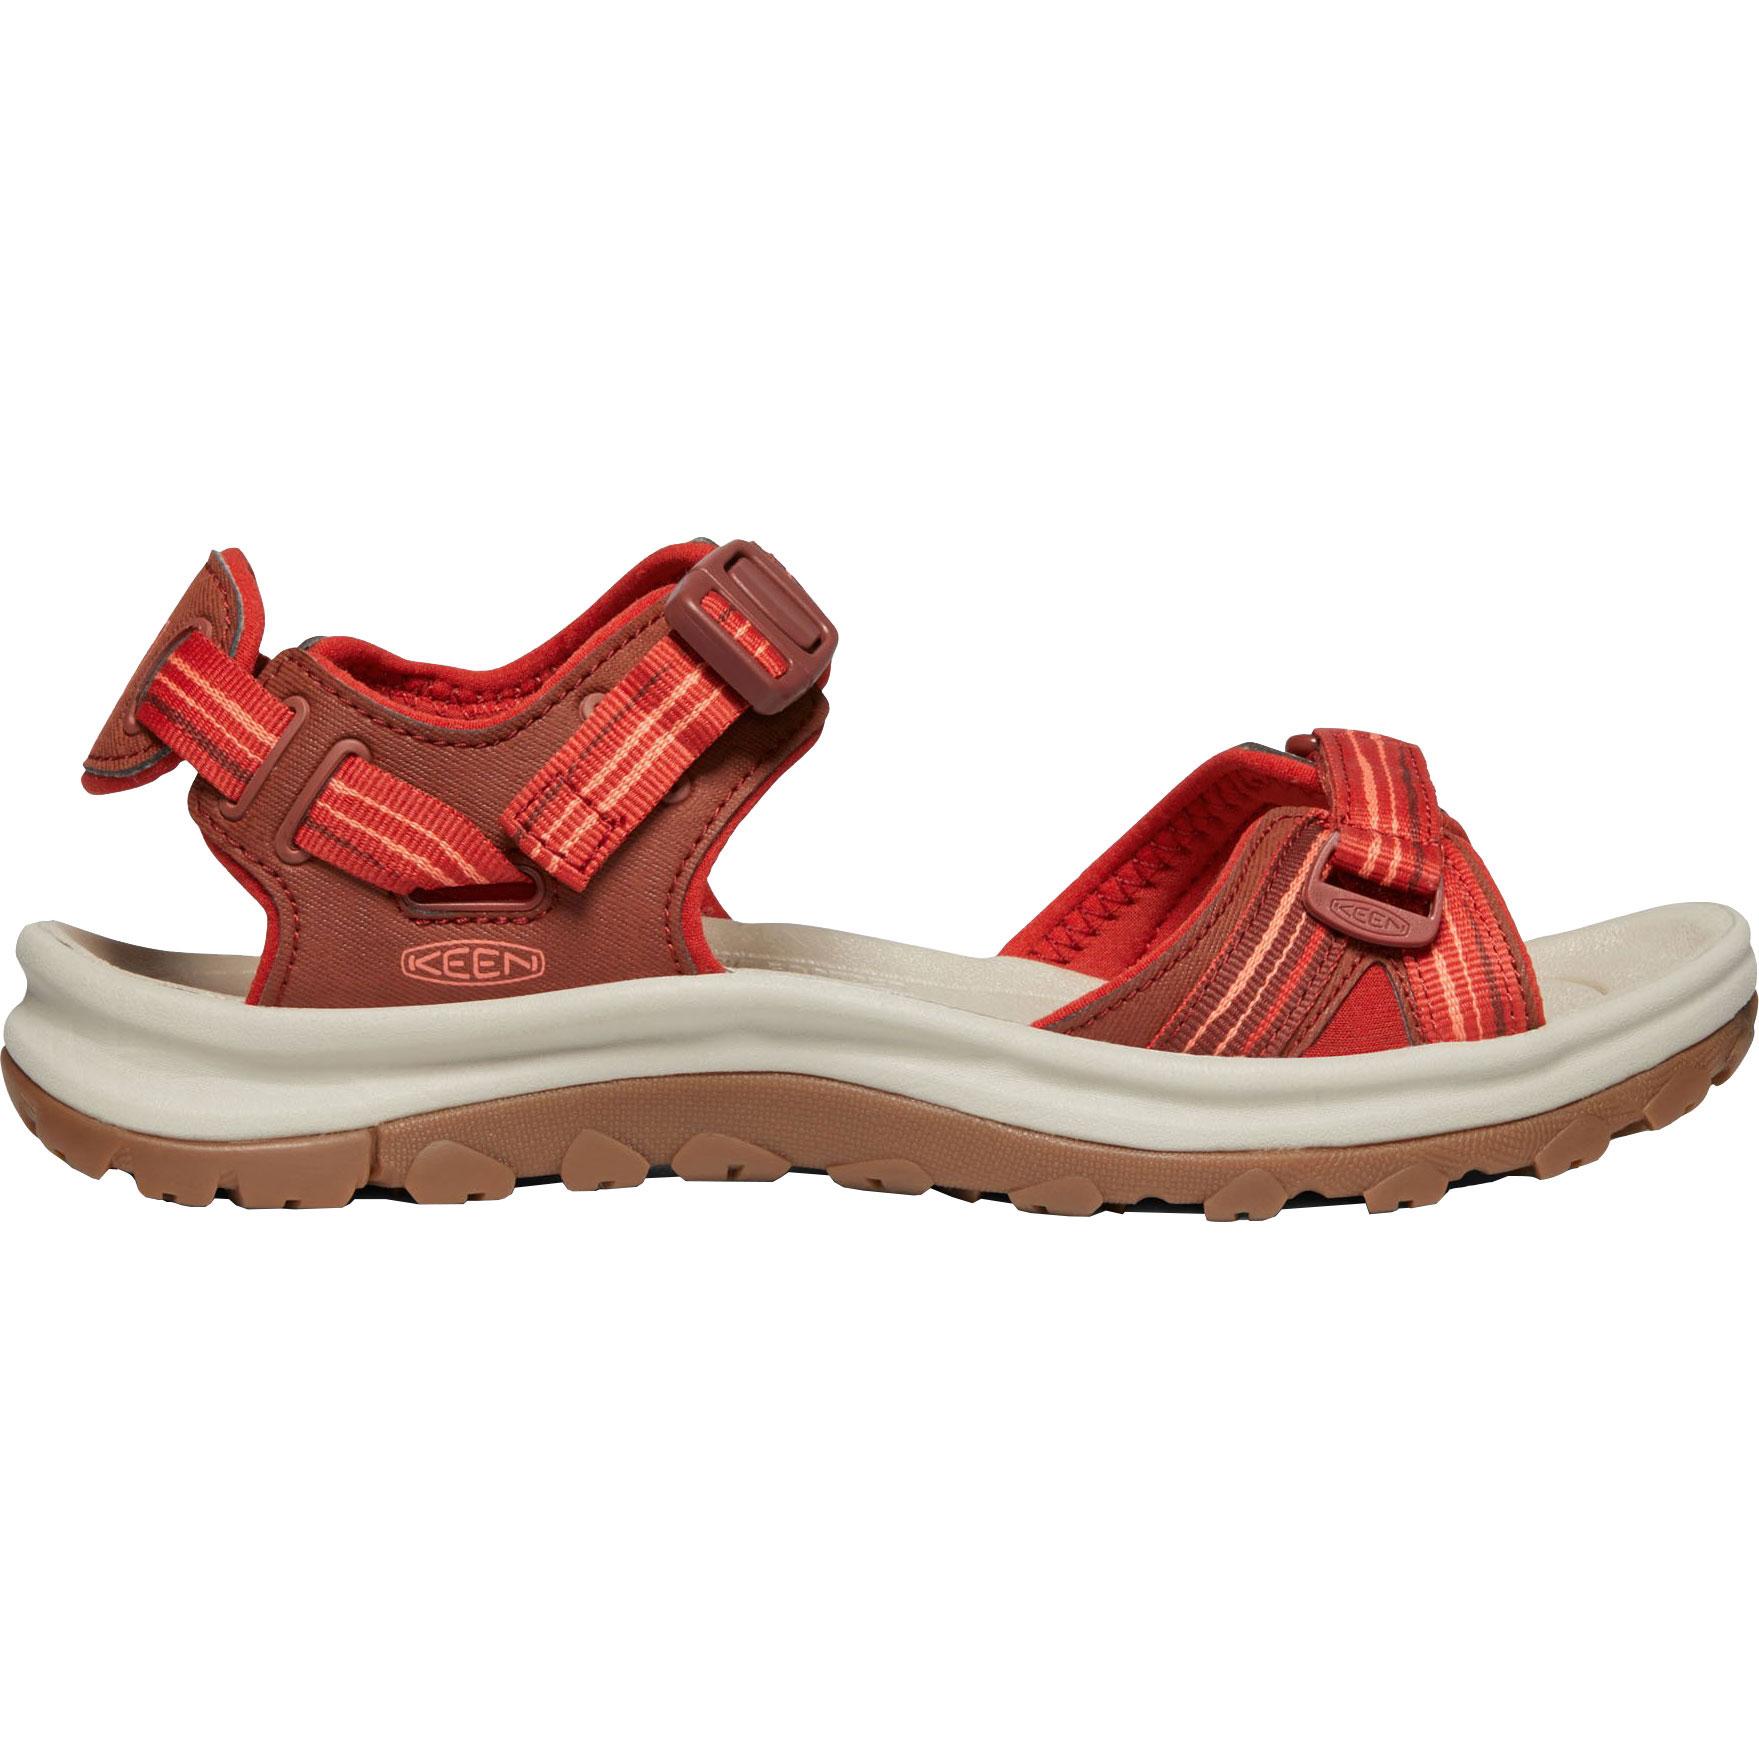 KEEN Terradora II Open Toe Damen-Sandale - Dark Red / Coral